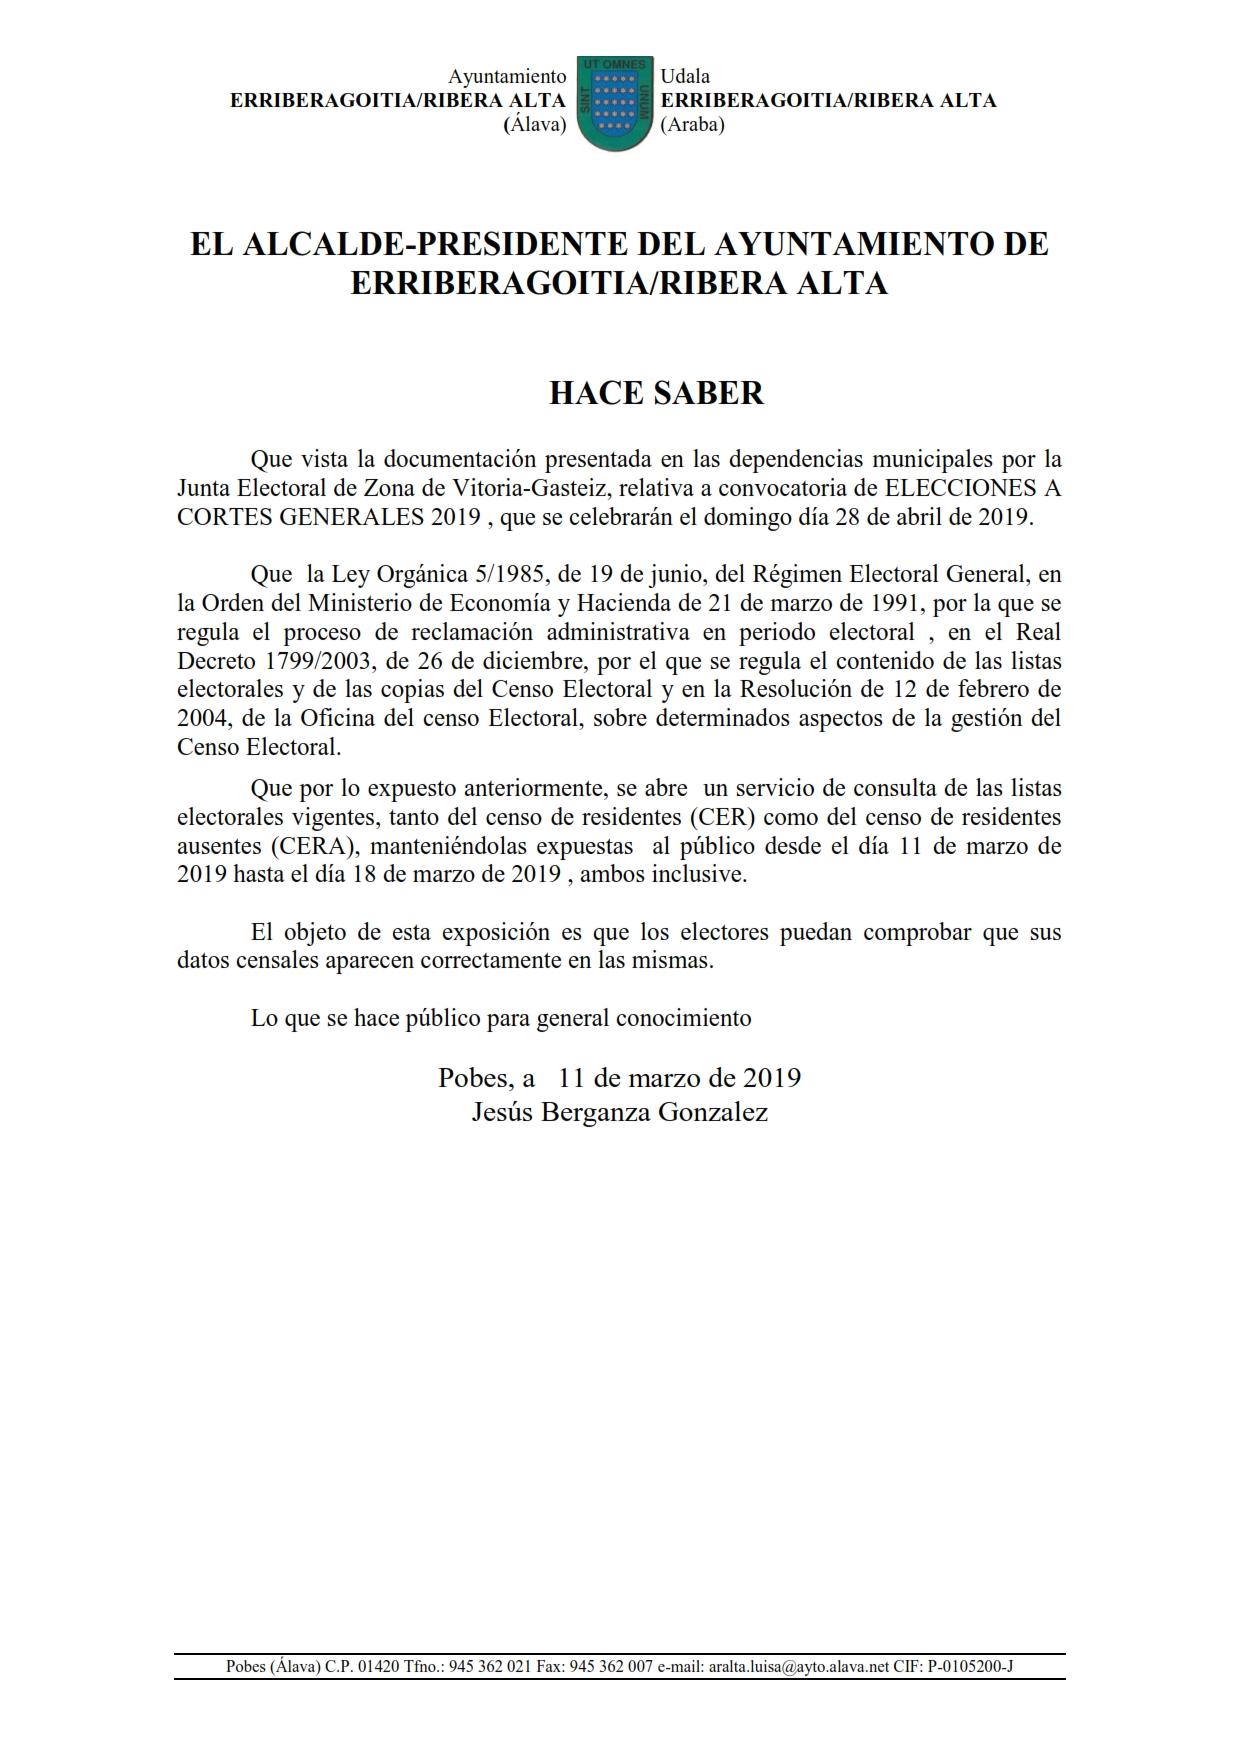 BANDO EXPOSICIÓN PUBLICO LISTAS DEL CENSO  PARA ELECCIONES A CORTES GENERALES 2019 A CELEBRAR EL DÍA 28 DE ABRIL